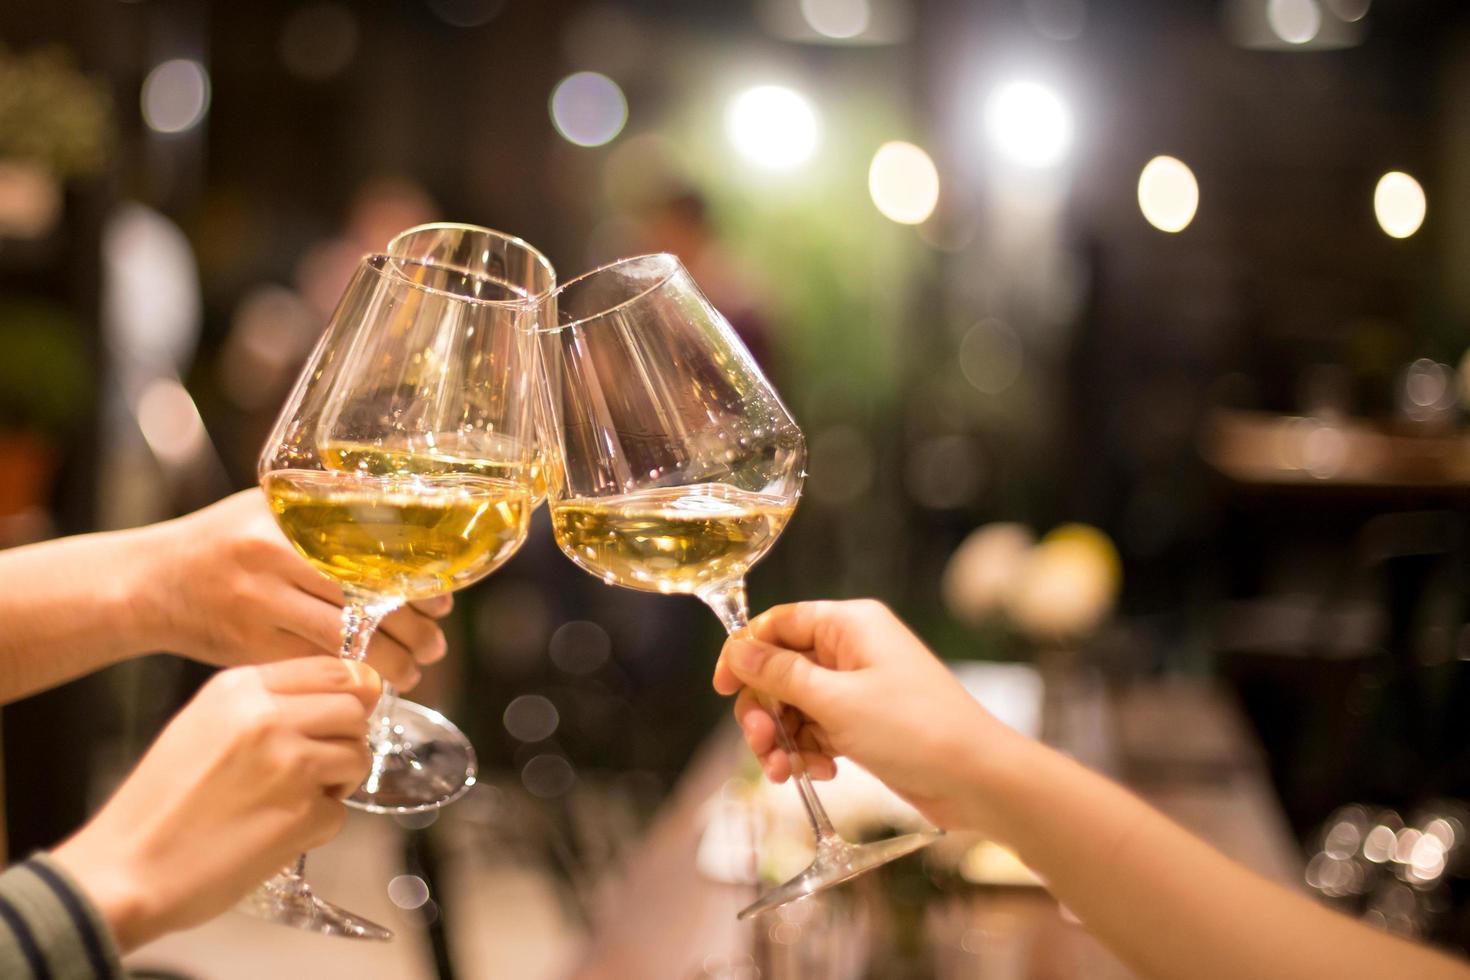 amici brindando con bicchieri di vino foto